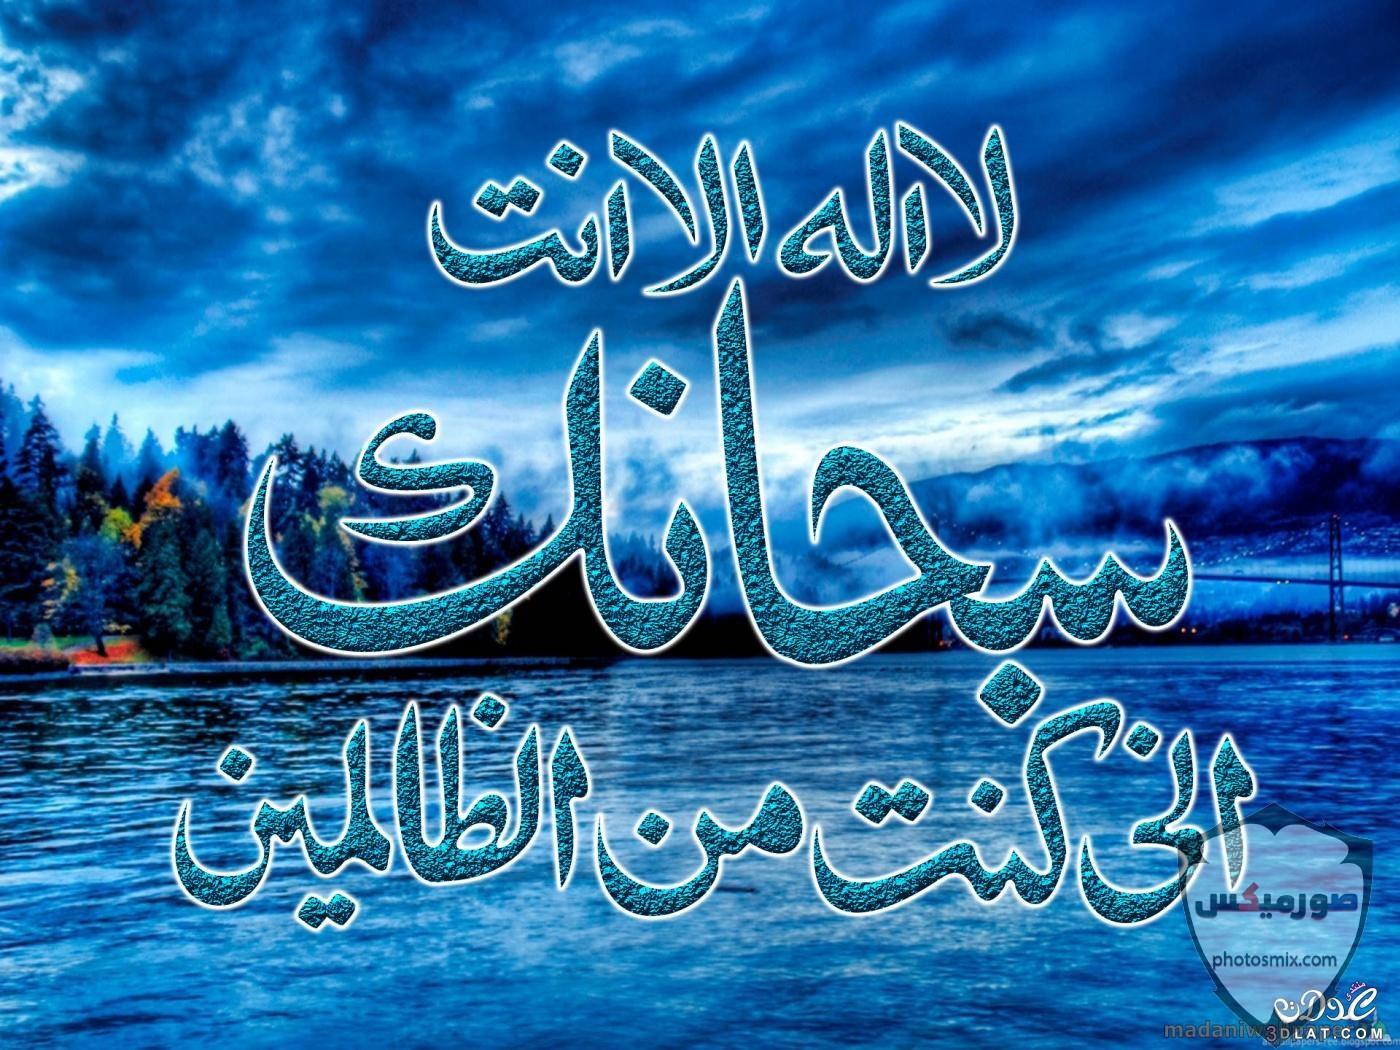 خلفيات دينية جميلة اجمل الصور والخلفيات الاسلامية 2020 تحميل صور دينية للموبايل 22